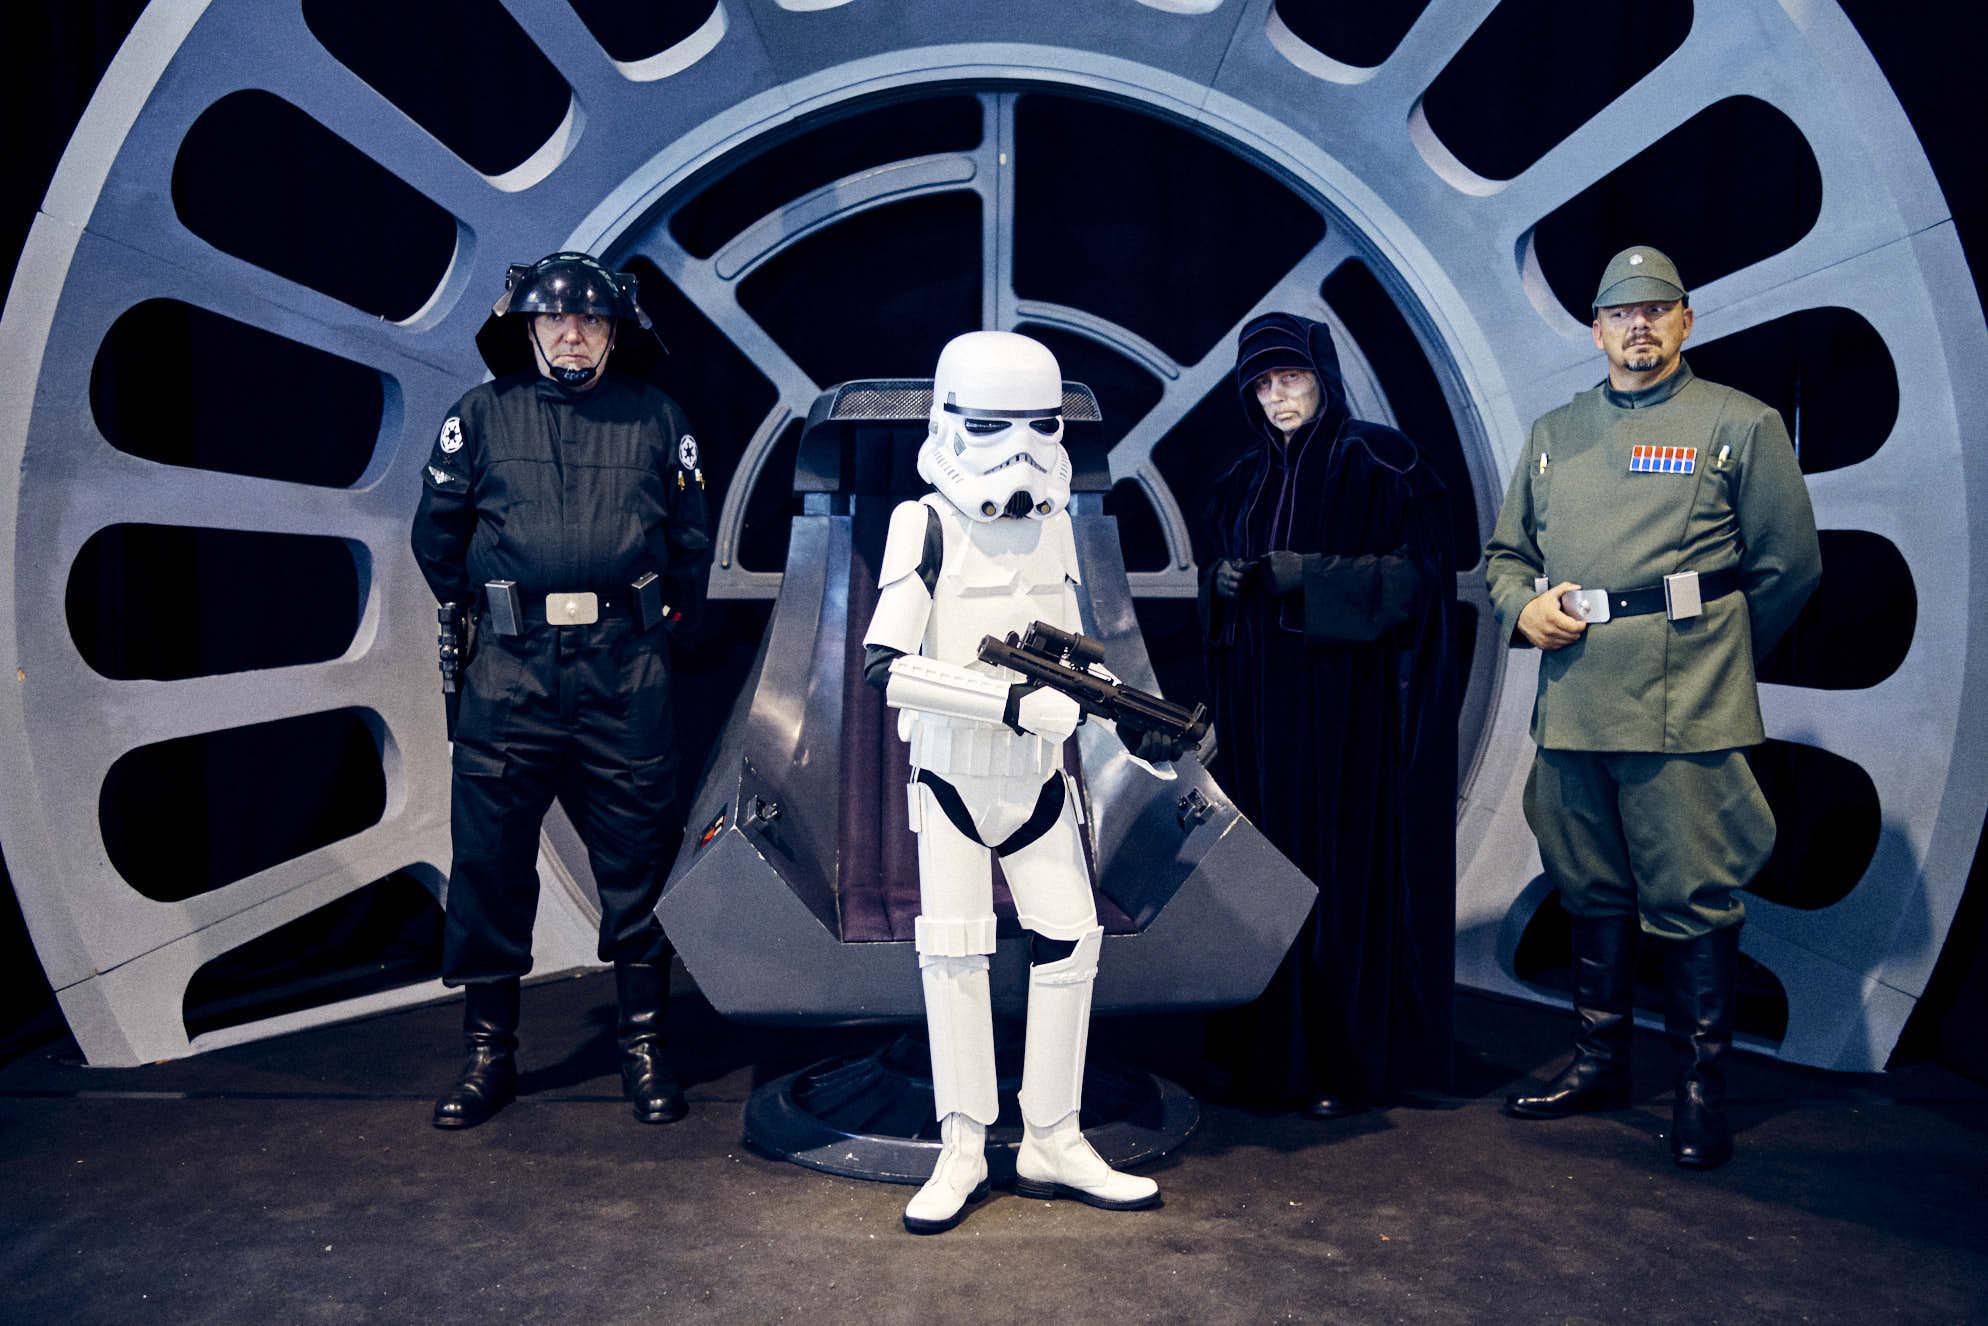 www.steffenjahn.com/oeffentlich/Stormtrooper_0125.jpg